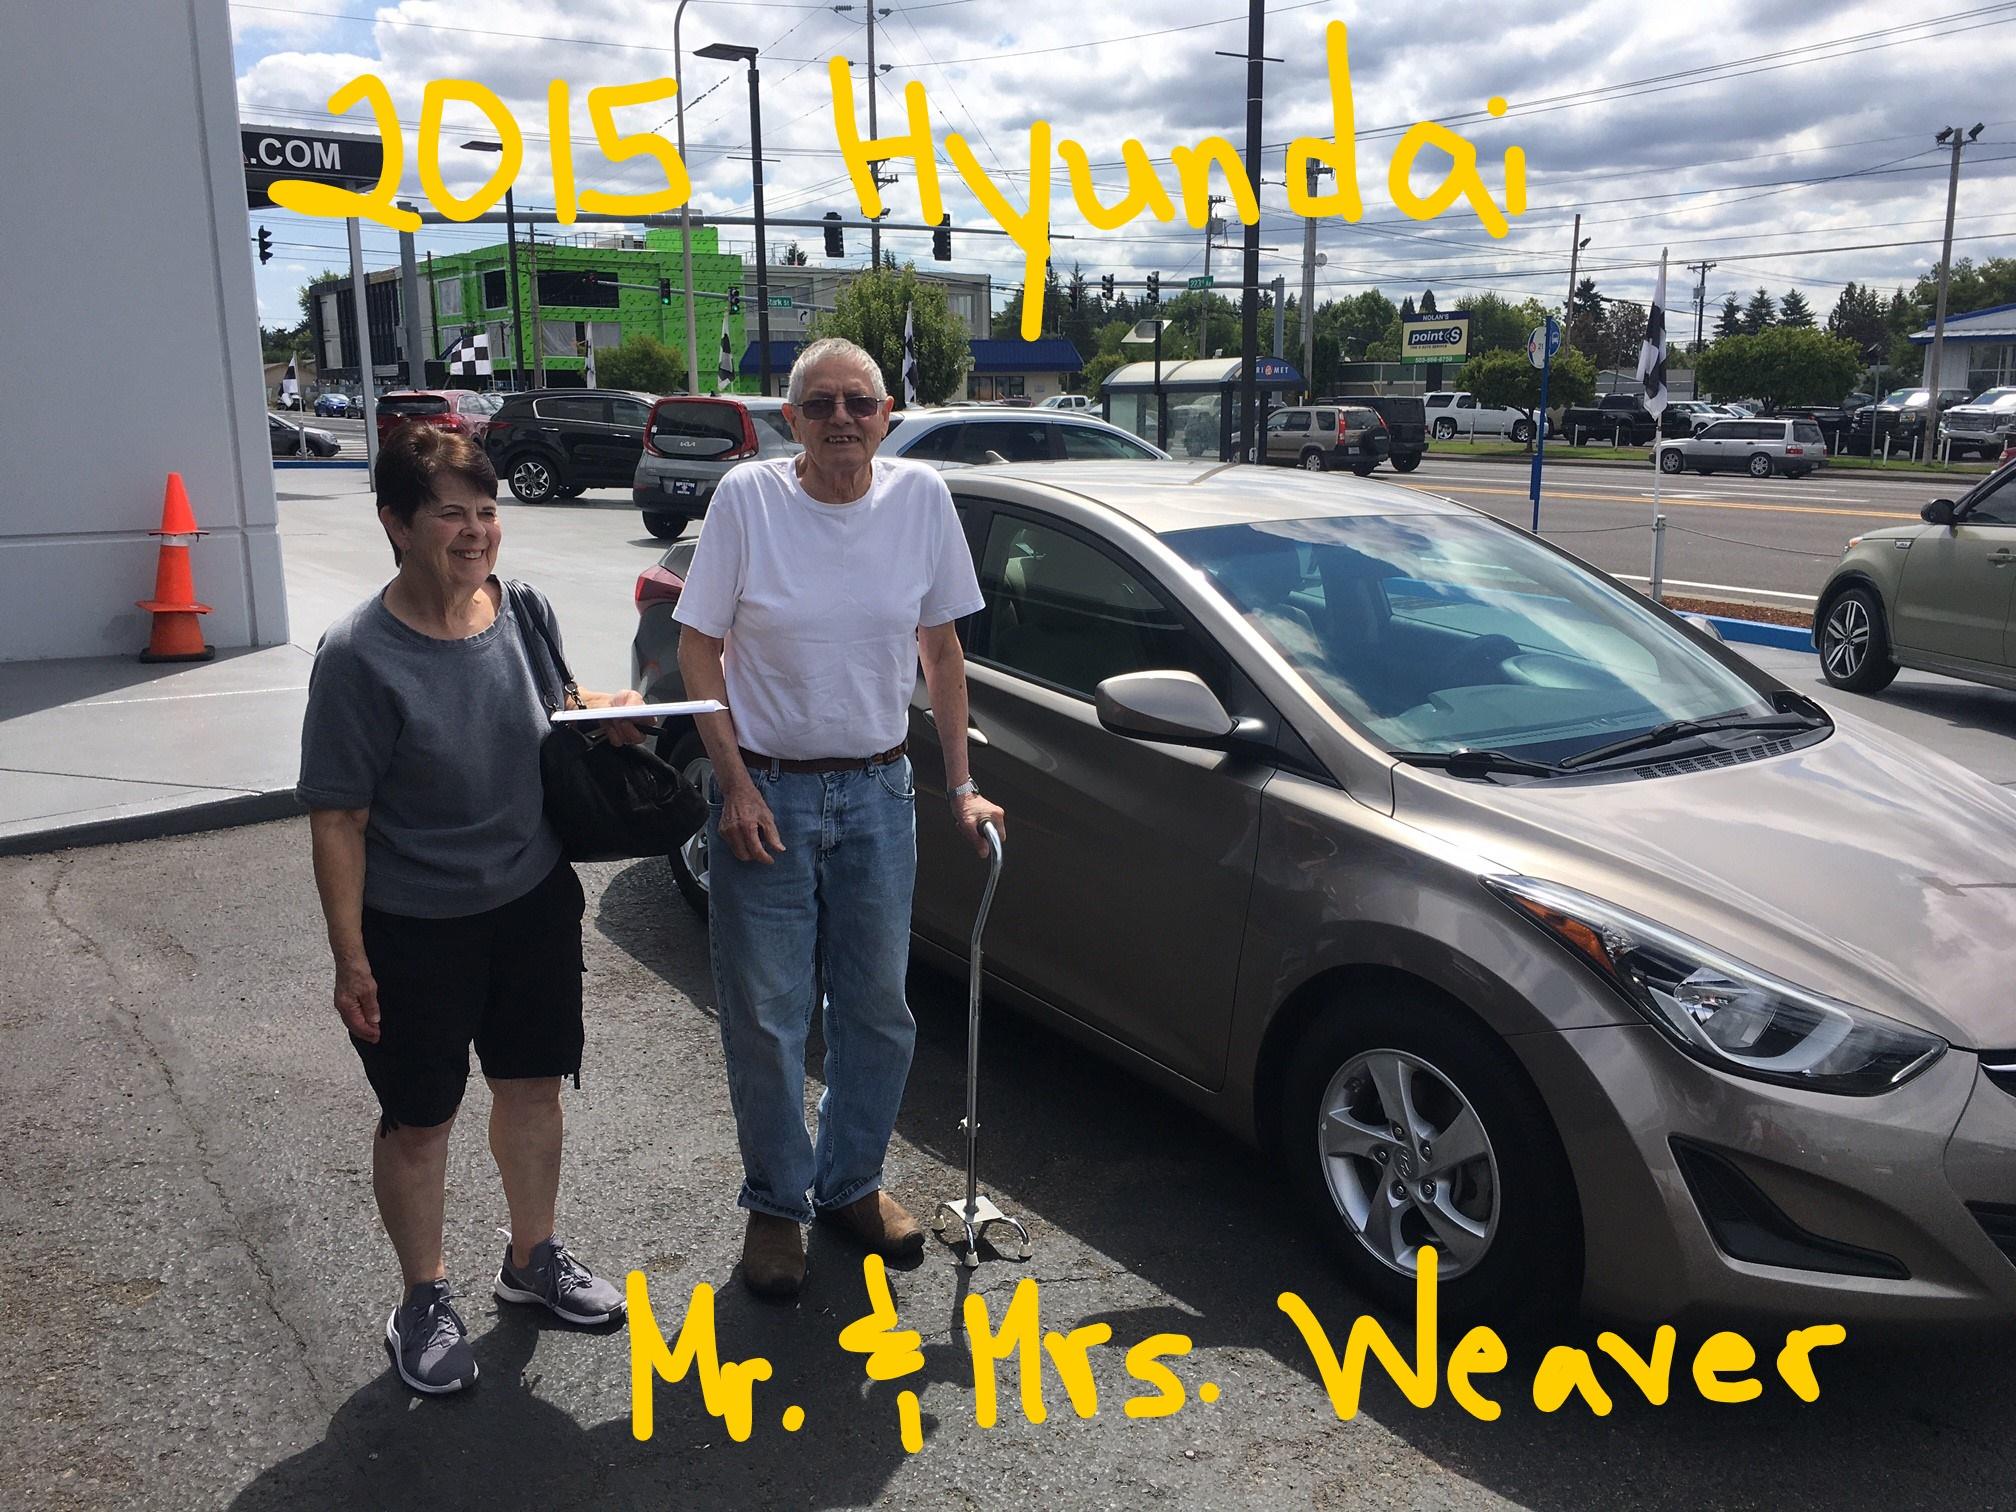 2015 Hyundai Mr & Mrs Weaver